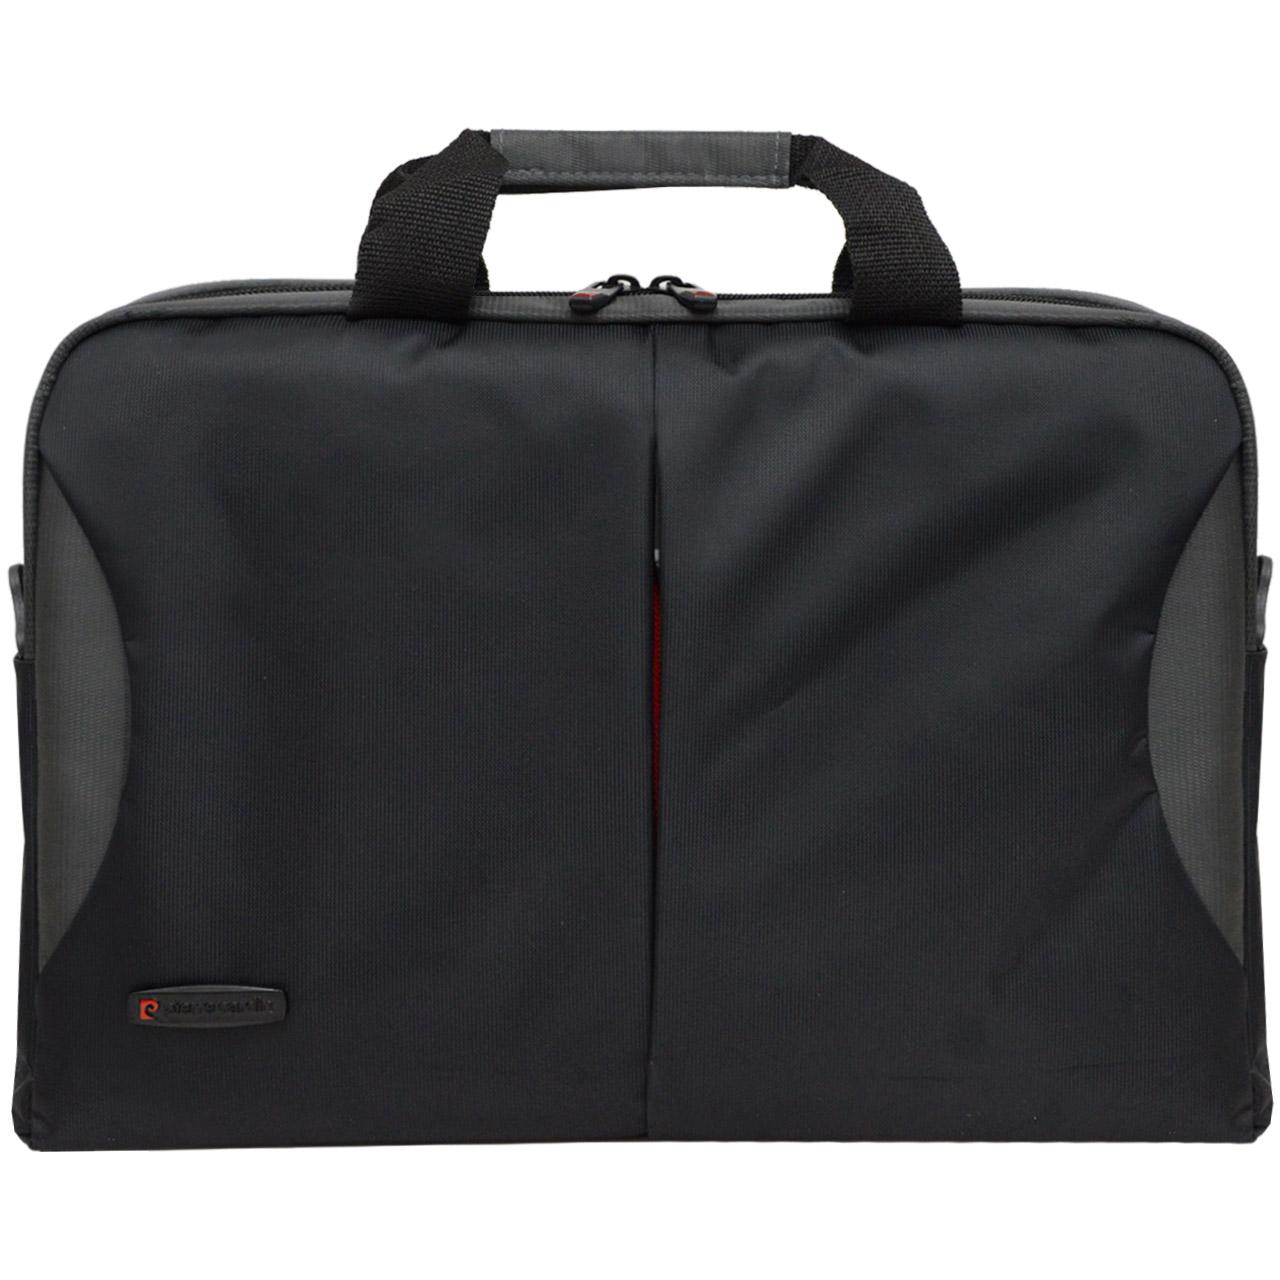 کیف لپ تاپ مدل PR 119 - 400005 مناسب برای لپ تاپ 15.6 اینچی